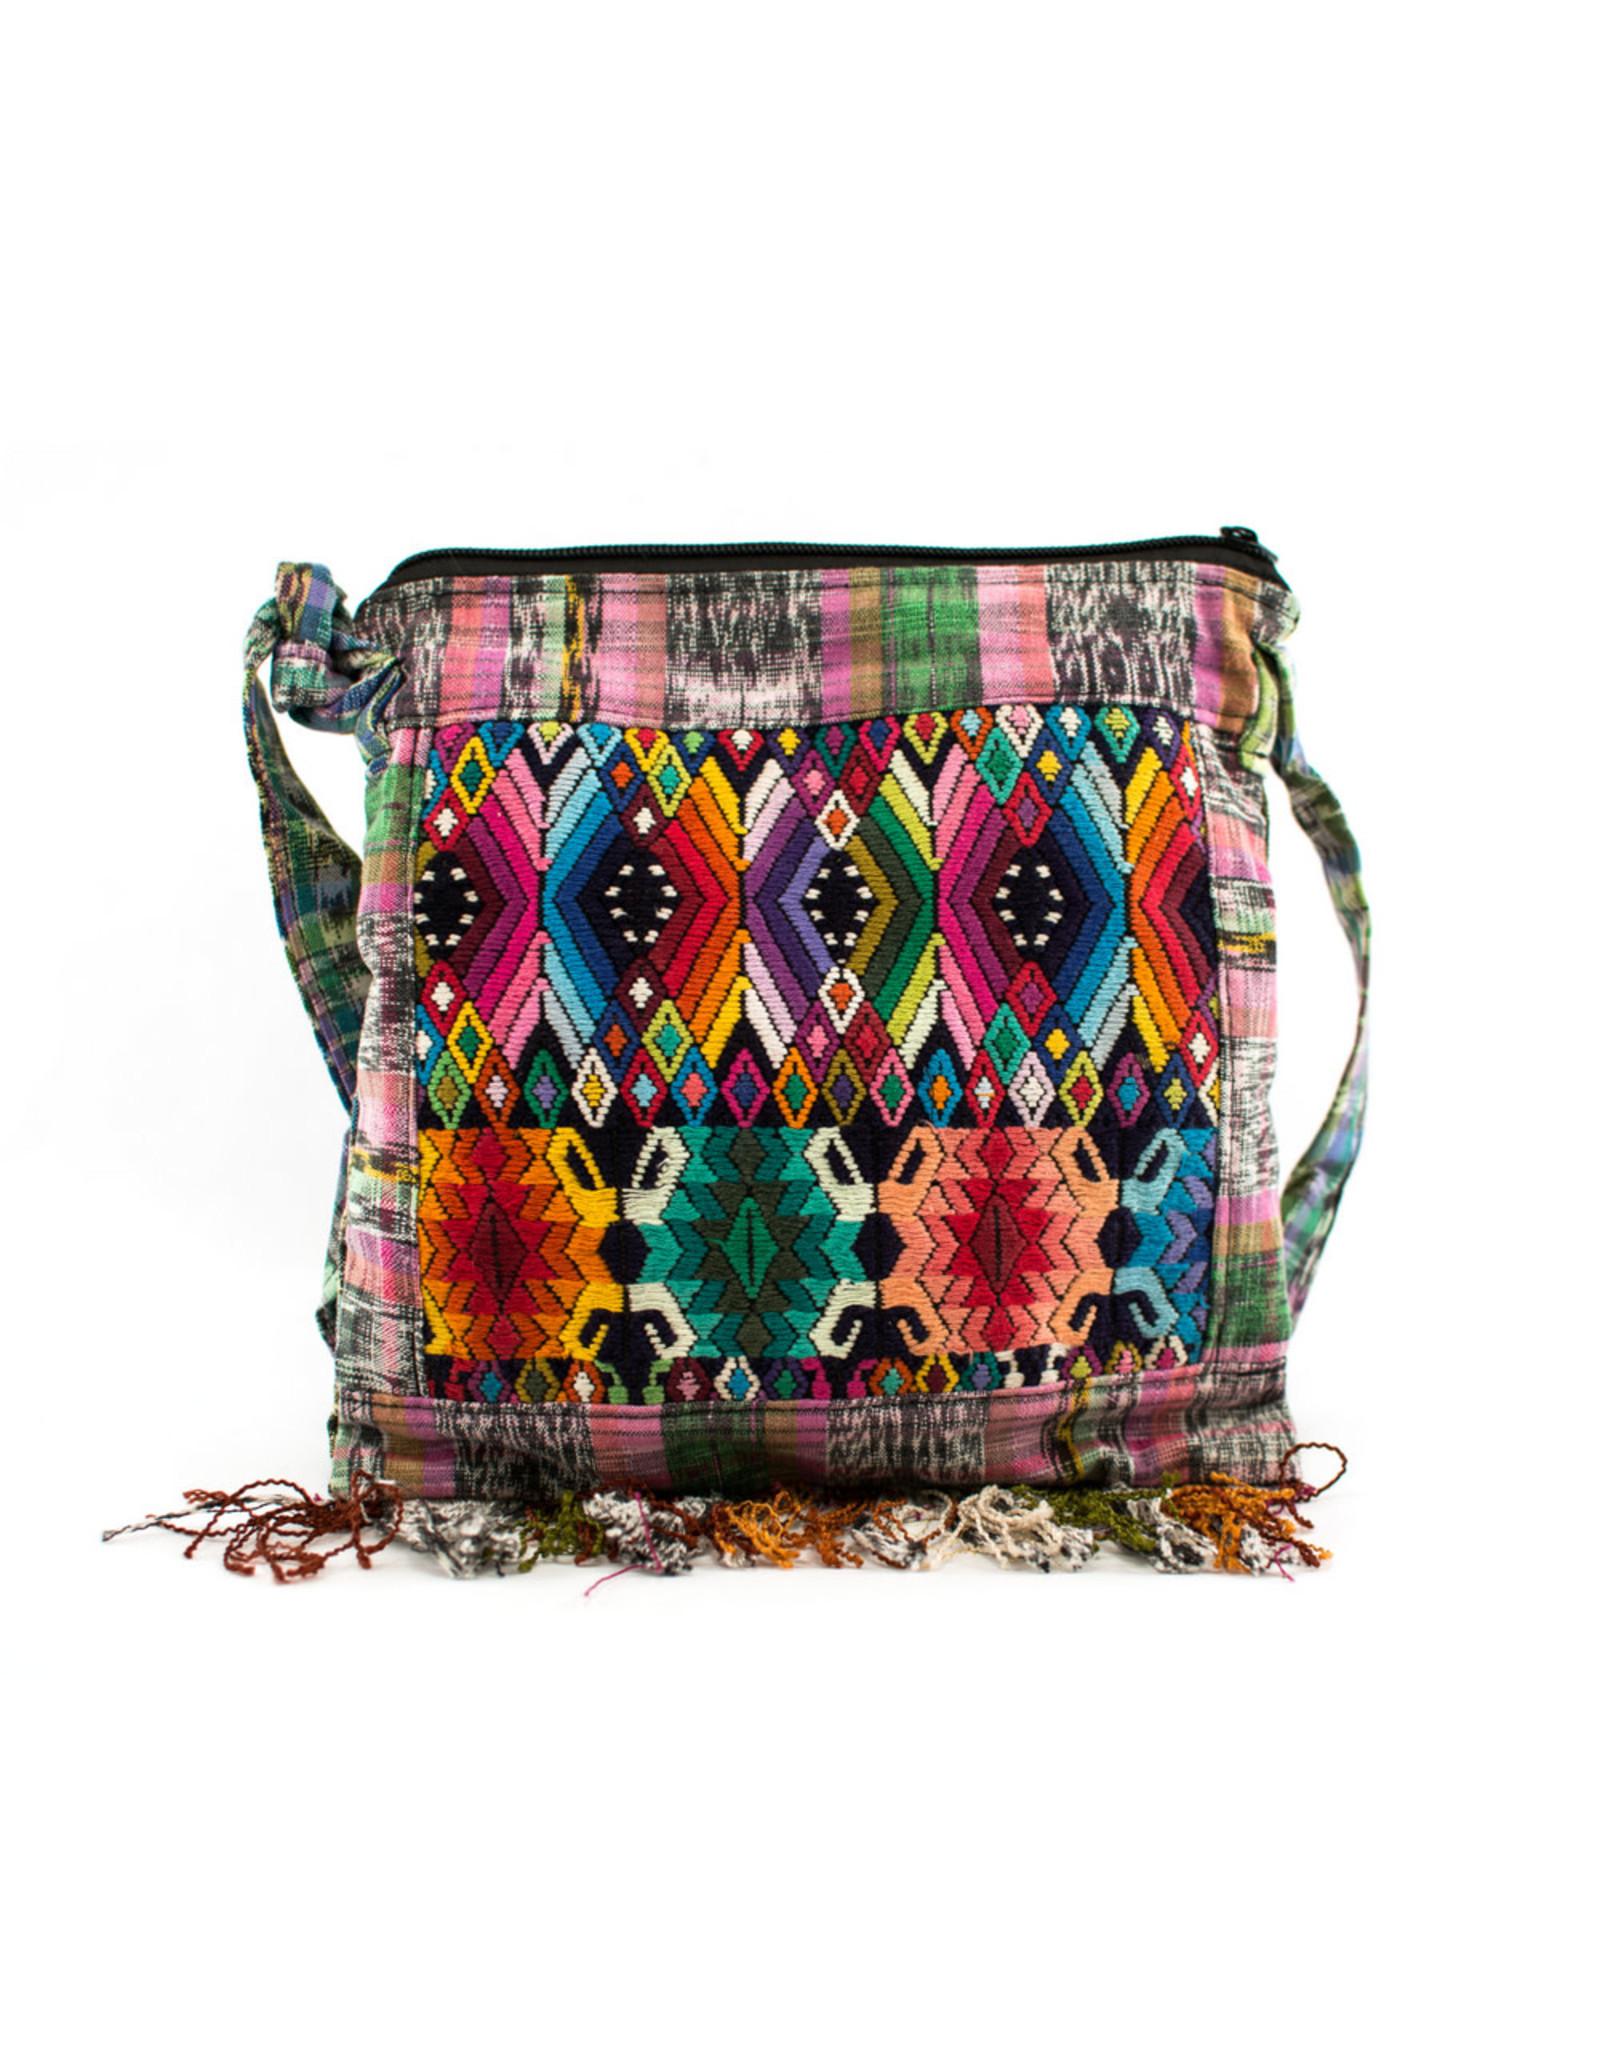 Lucia's Imports Mini Fringe Purse, assorted, Guatemala